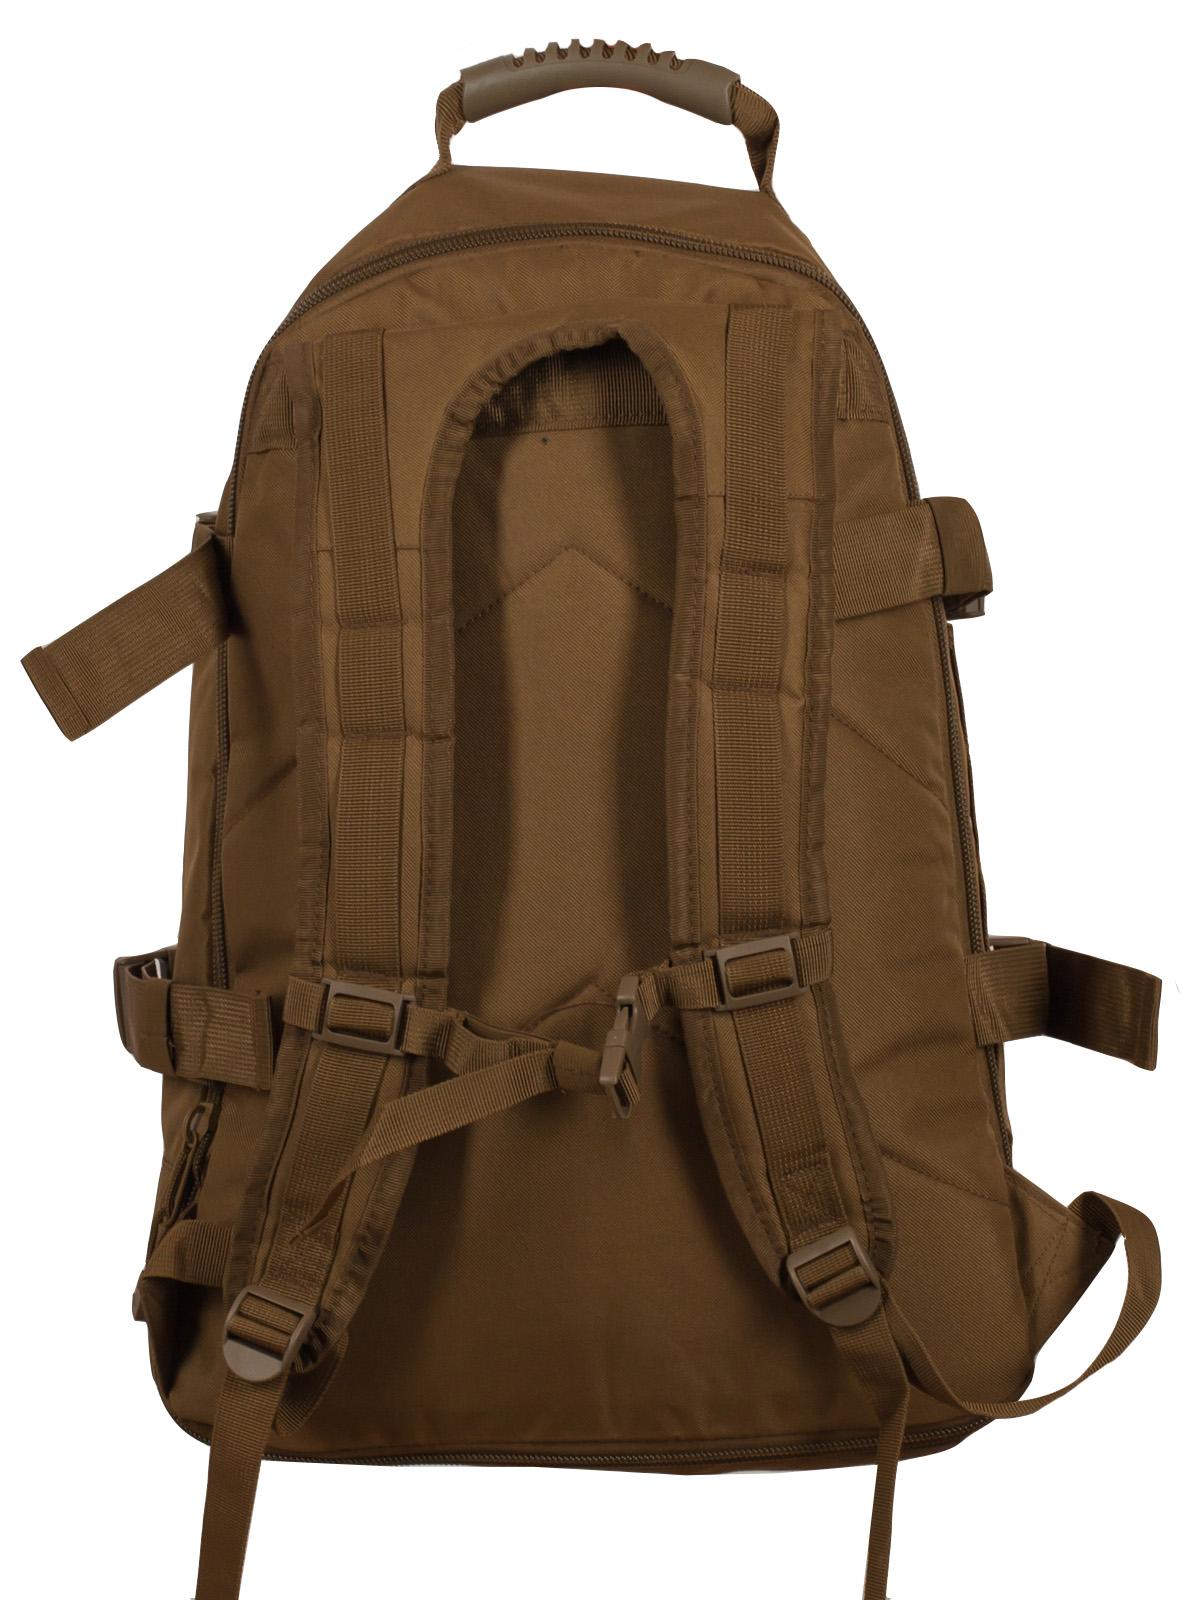 Купить в интернет магазине патрульный тактический рюкзак Морская пехота